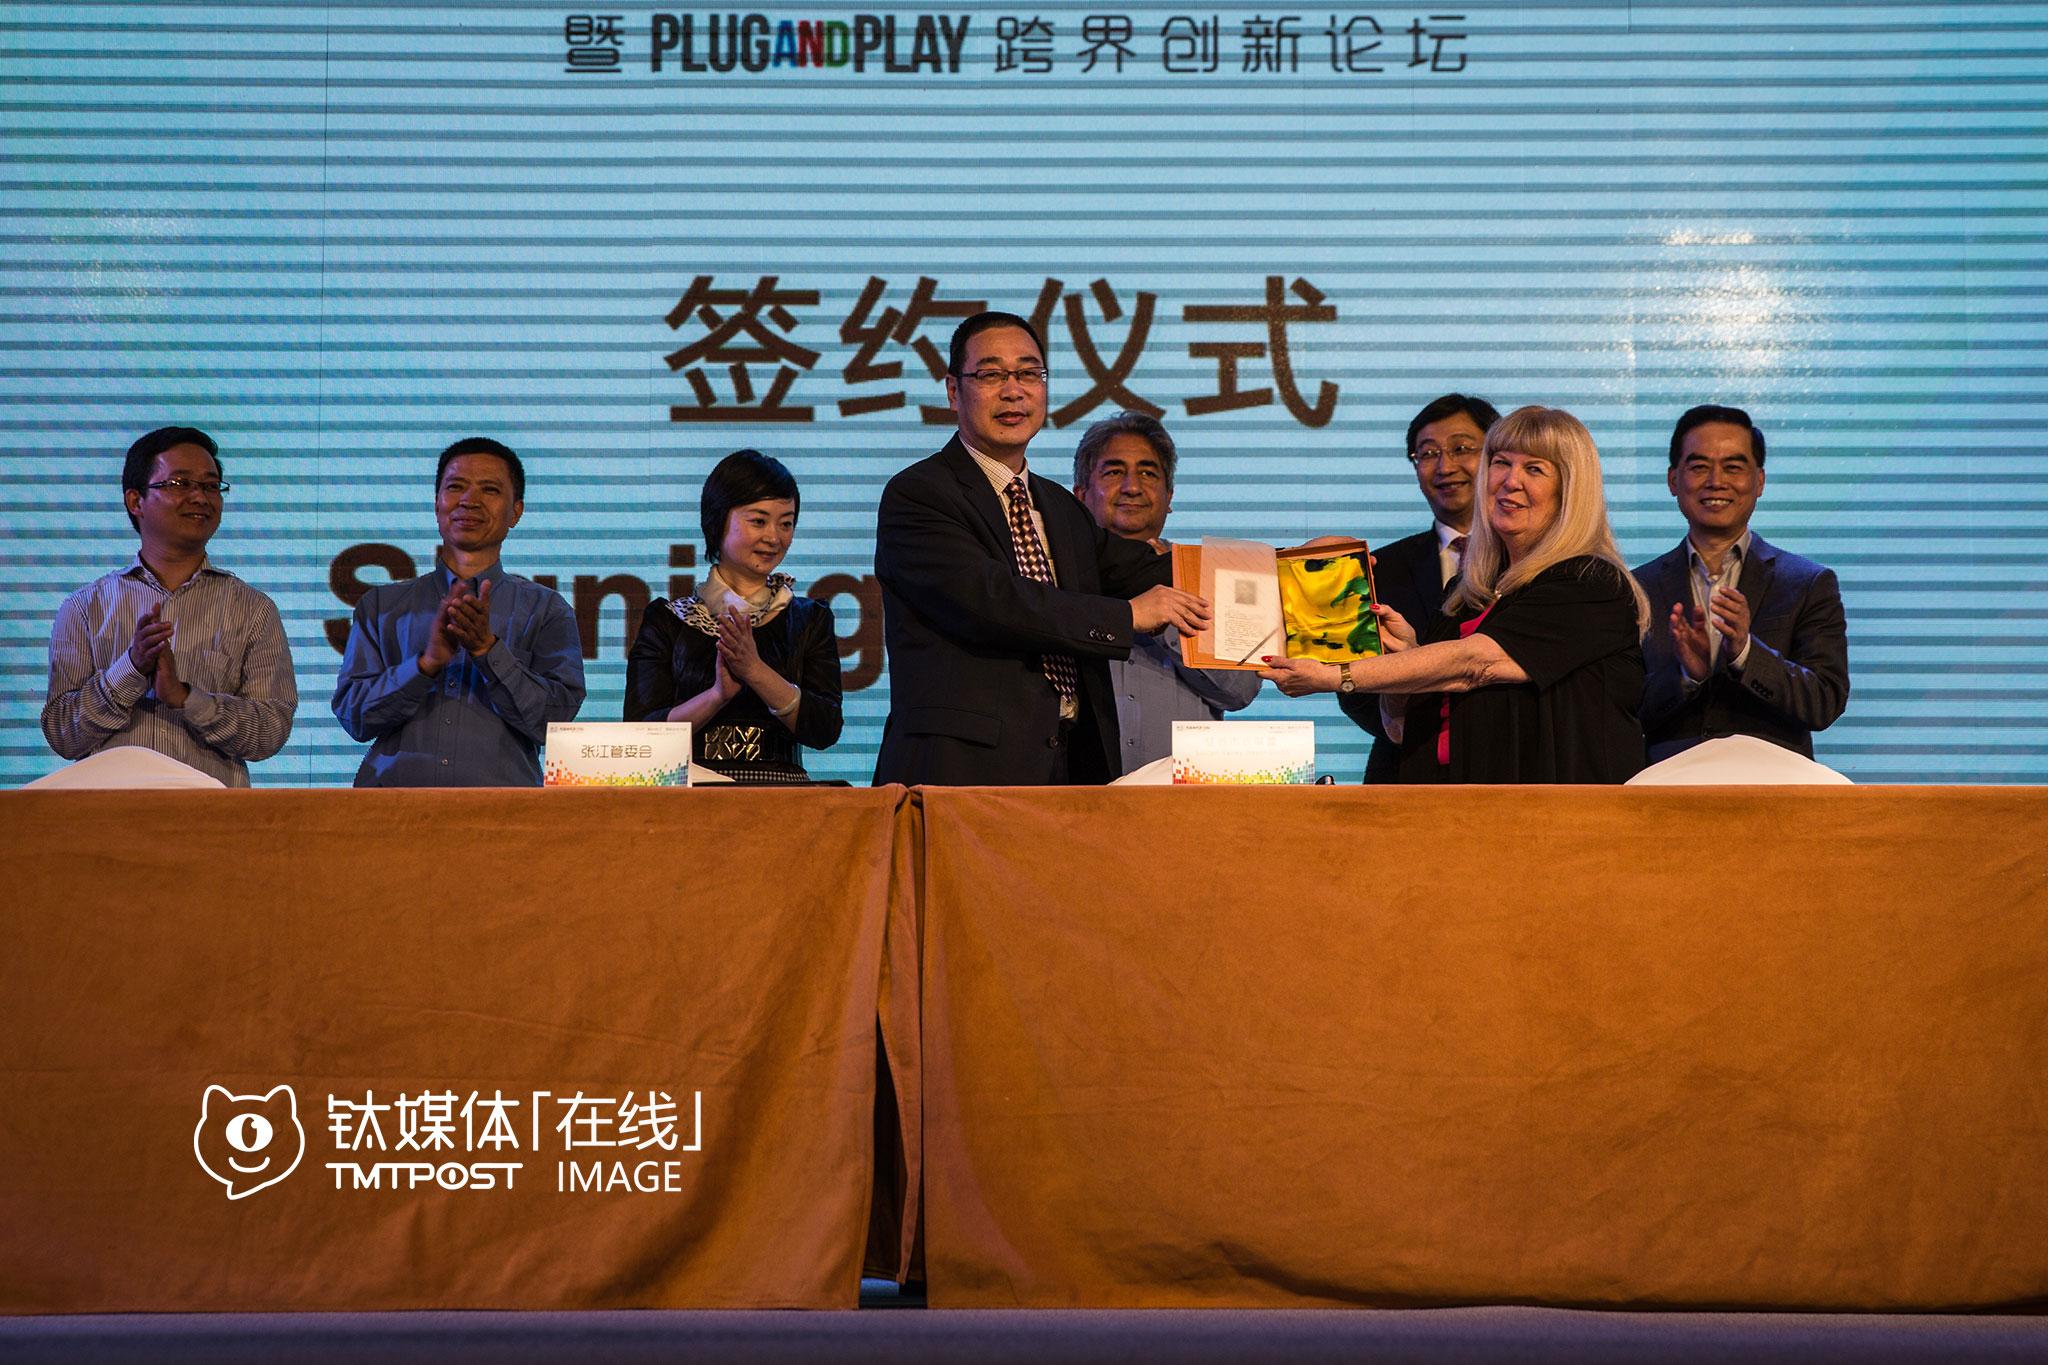 在上海的另一场有关创业创新的论坛上,张江管委会与市长代表团互赠礼物,美方送给中方一幅由全体市长签名的硅谷地图,中方回赠美方一件丝绸制品。